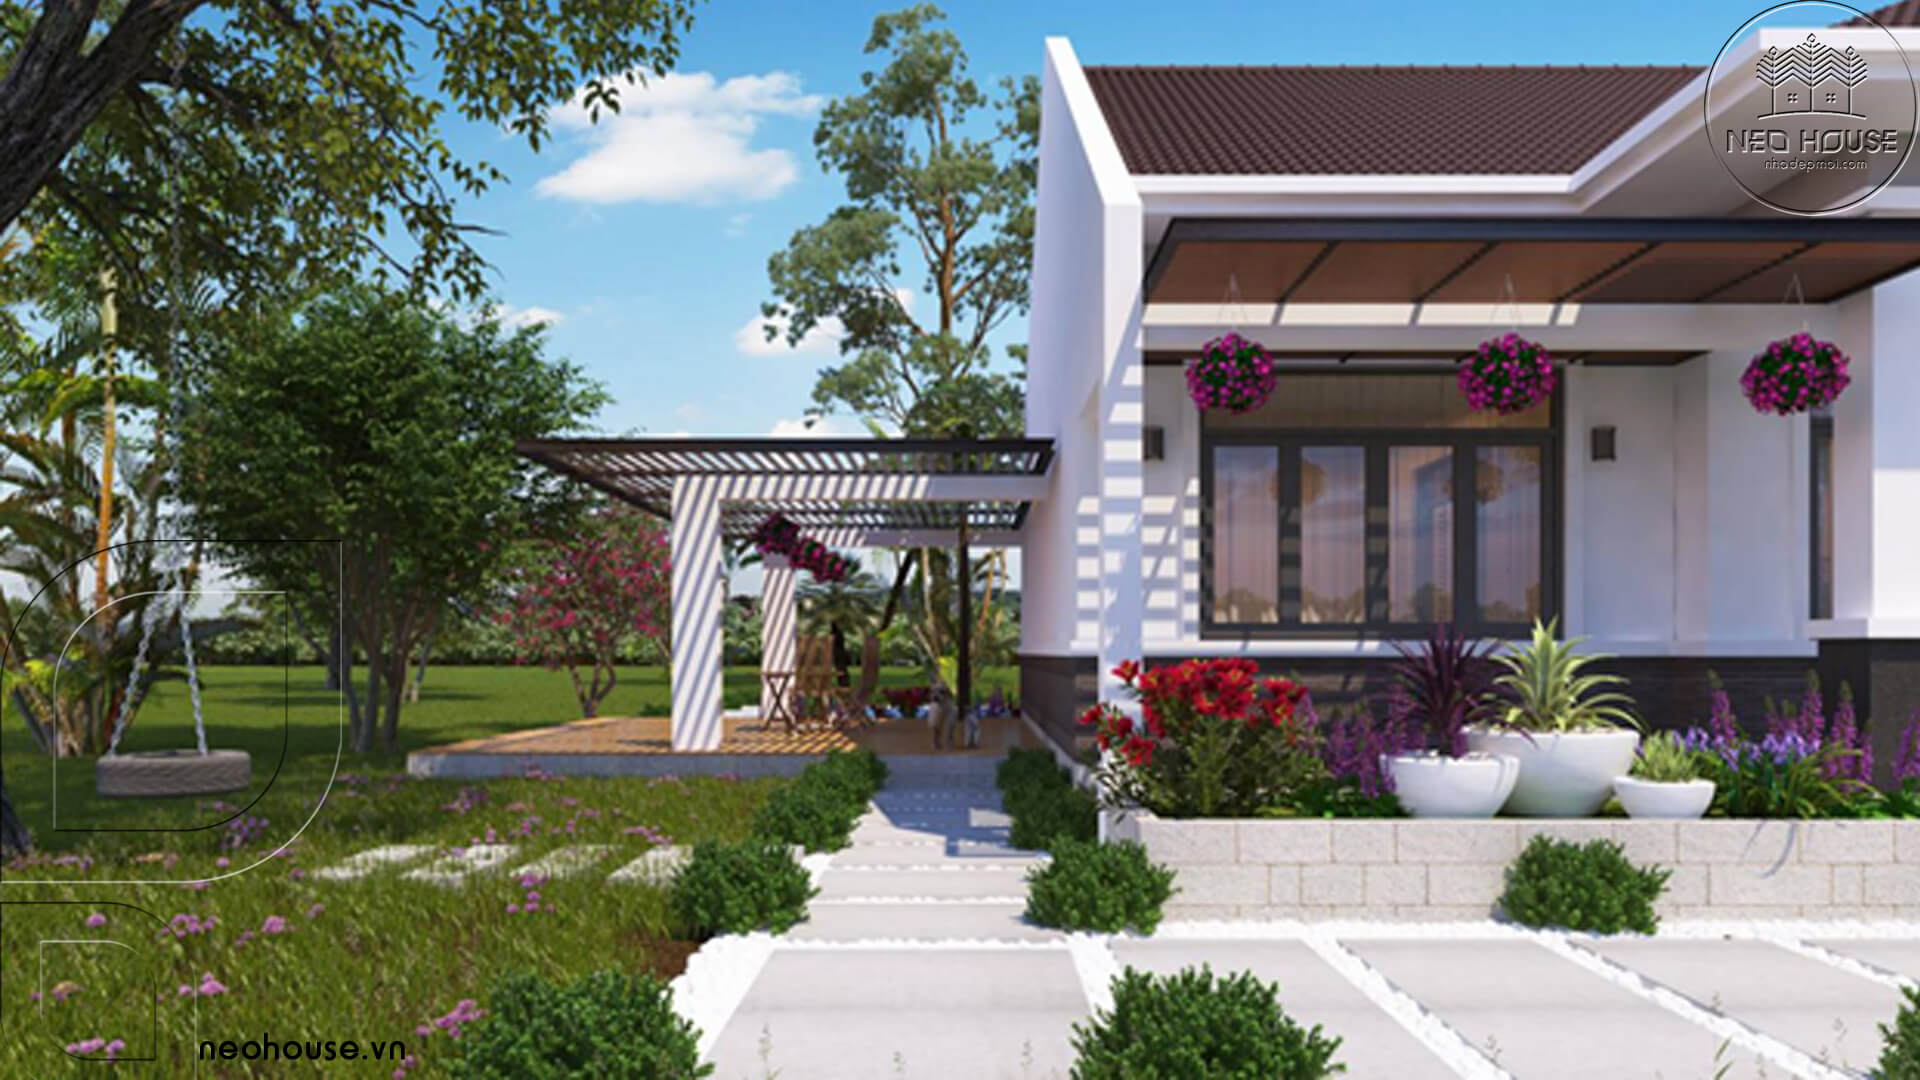 Thiết kế biệt thự nhà vườn mái thái có hồ bơi tại hcm